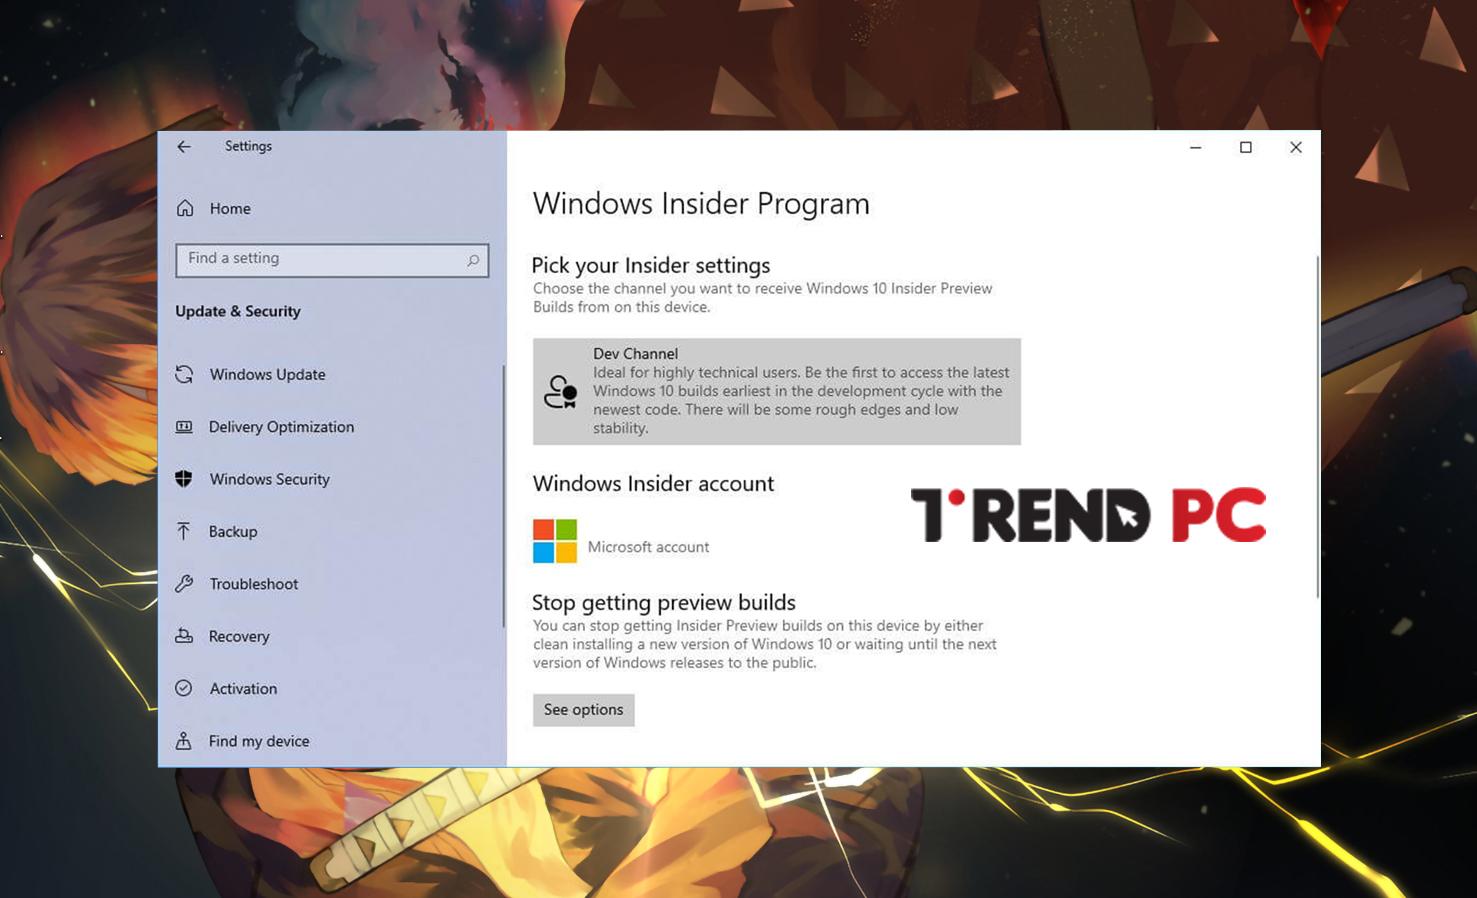 كيفية تحميل ويندوز 11 عن طريق Insider Preview build؟